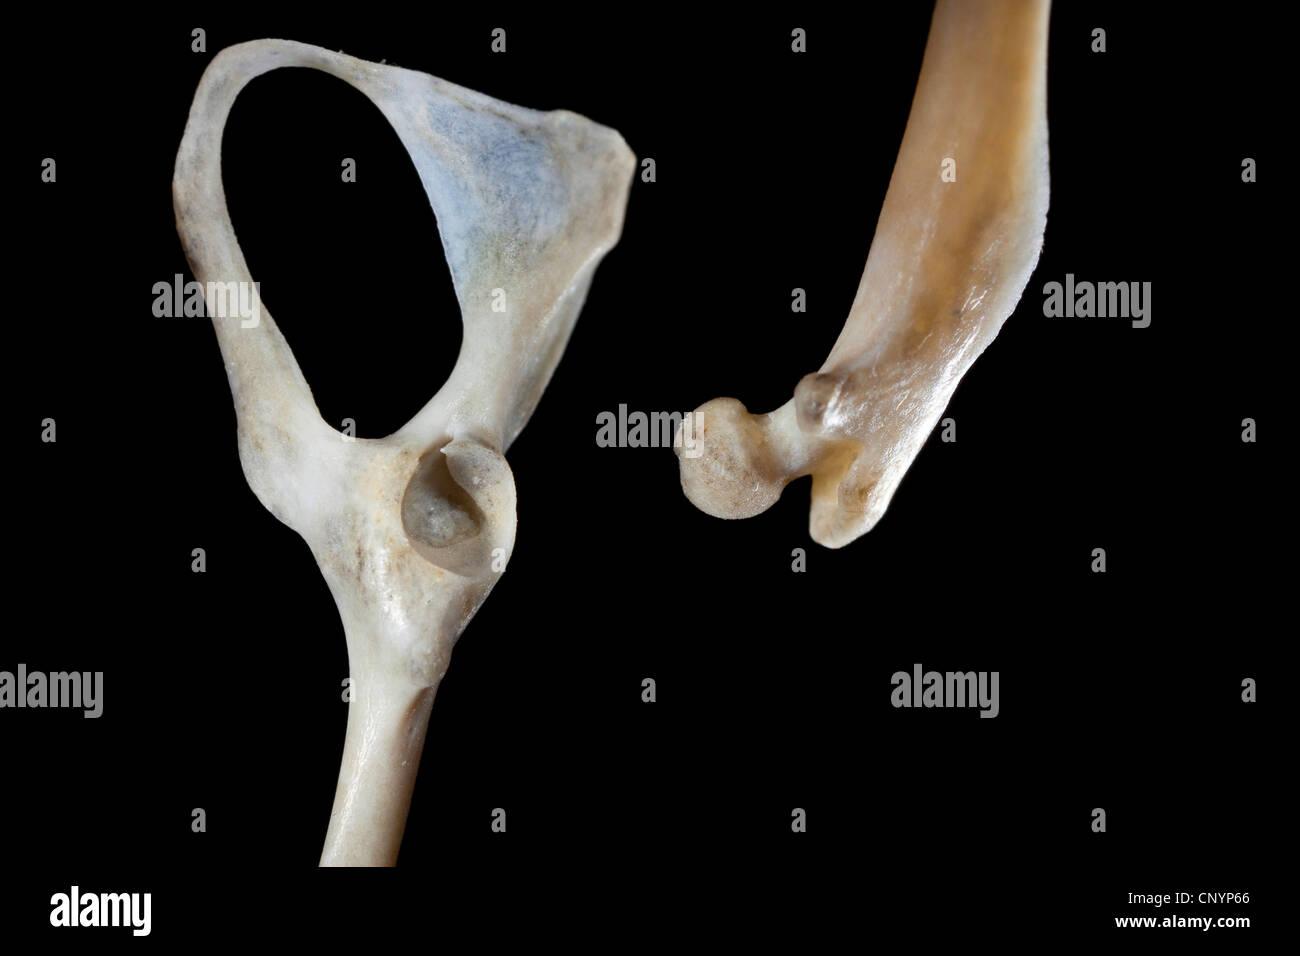 Schleiereule (Tyto Alba), Becken- und Oberschenkelknochen einer Maus, unverdaute Nahrungsreste aus einem pellet Stockbild